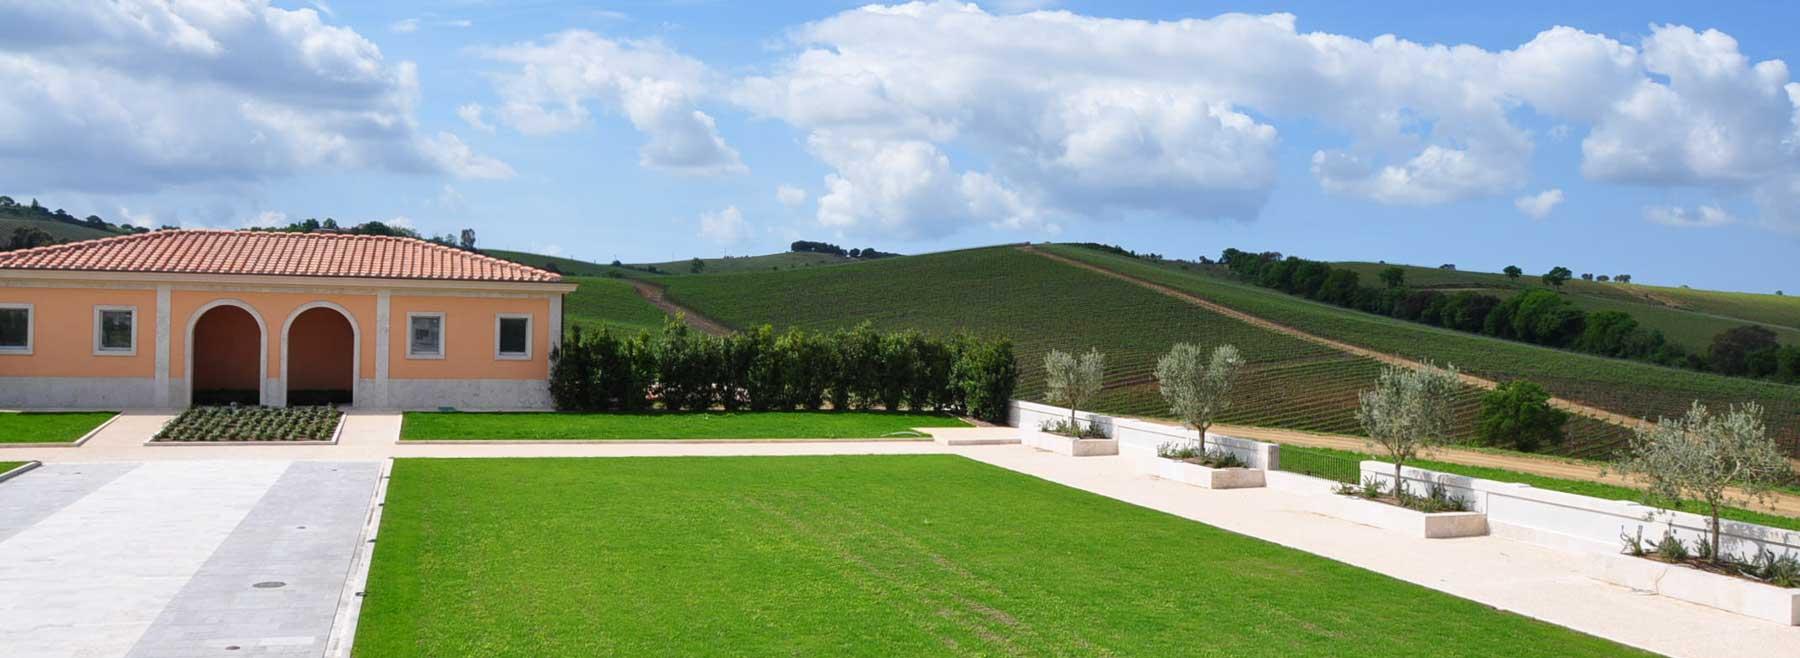 progettazione cantina vinicola alcuni esempi